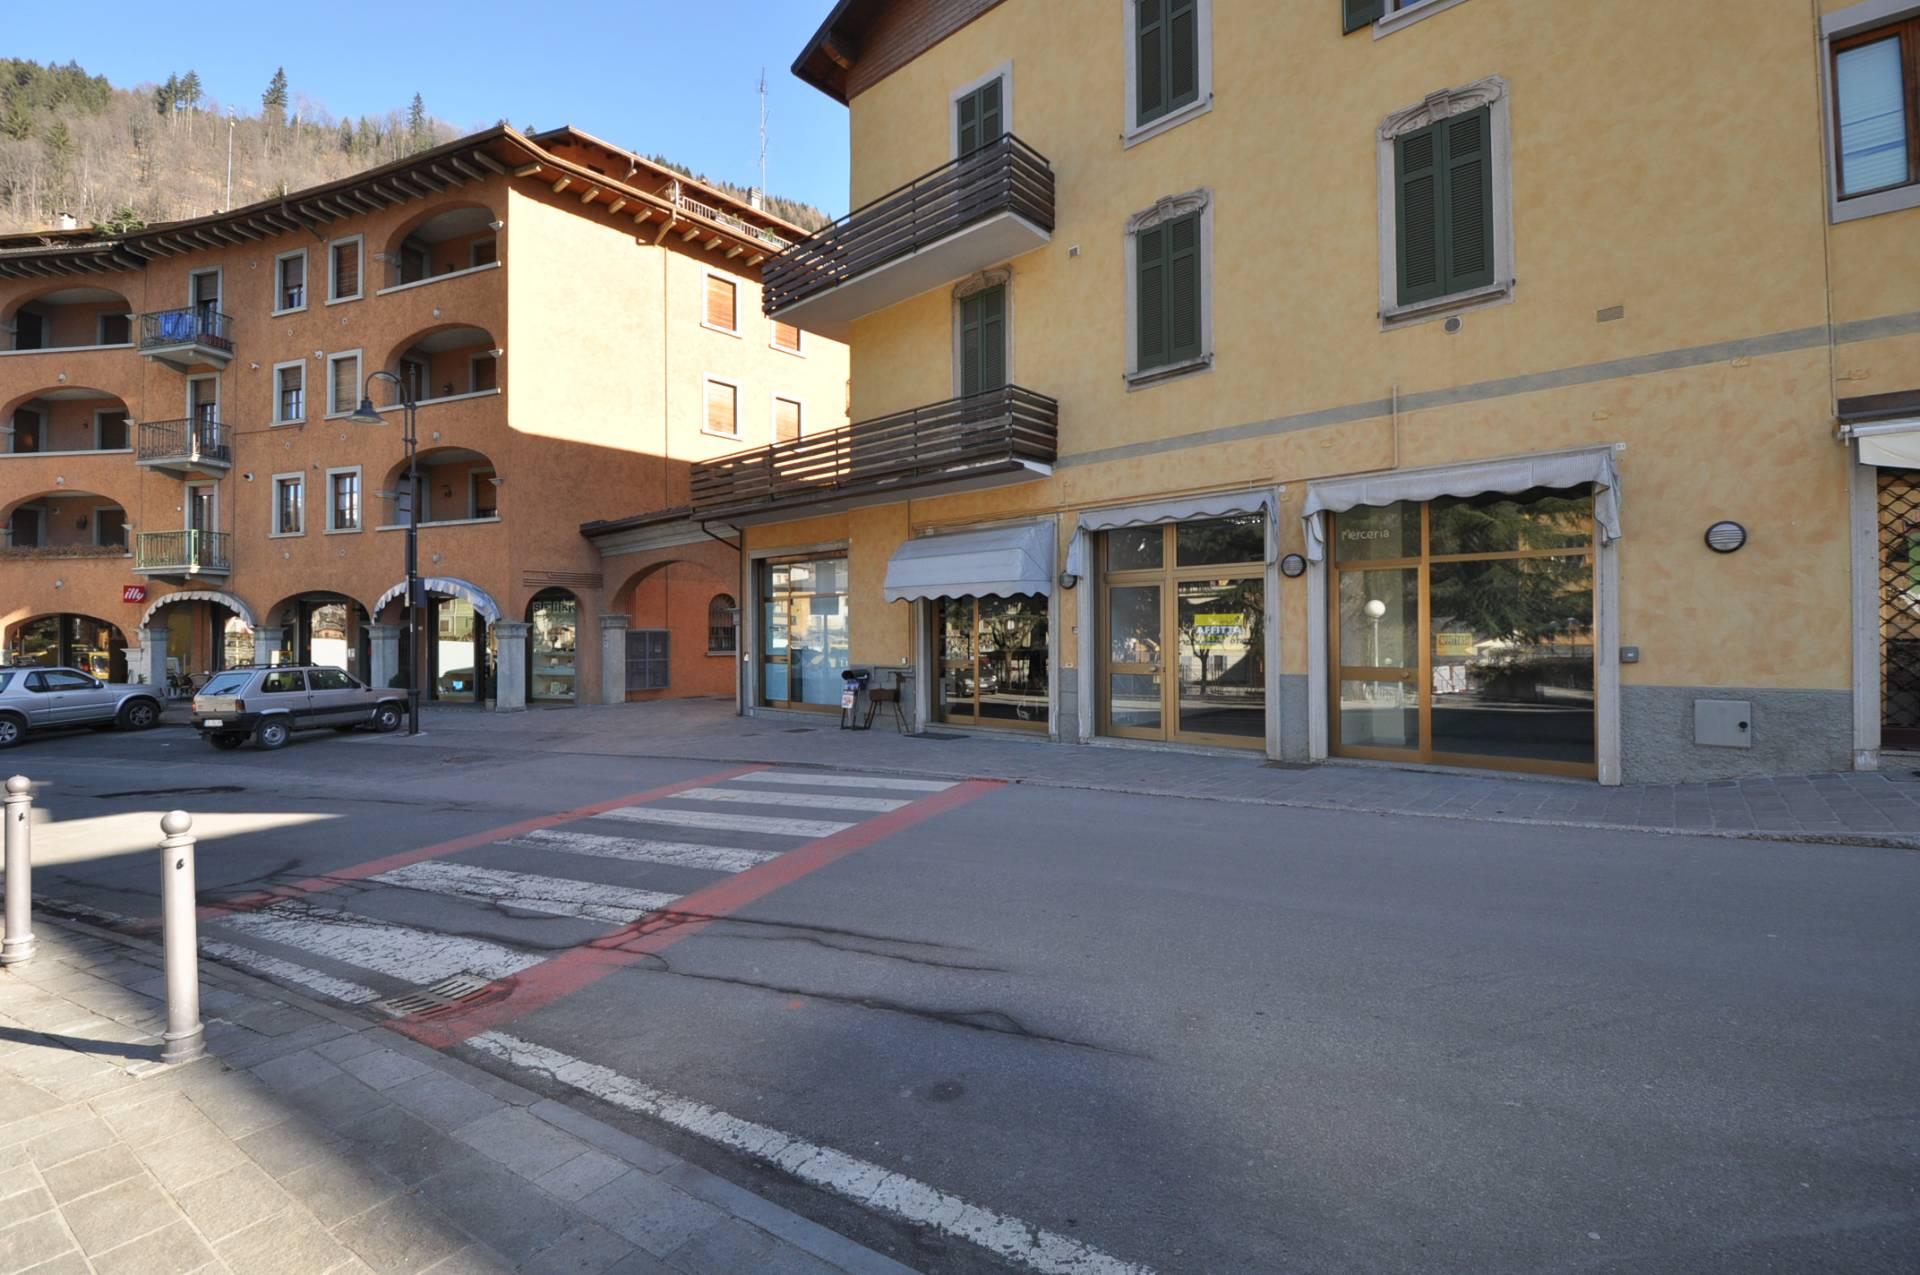 Negozio / Locale in vendita a Piazza Brembana, 9999 locali, prezzo € 63.000 | CambioCasa.it